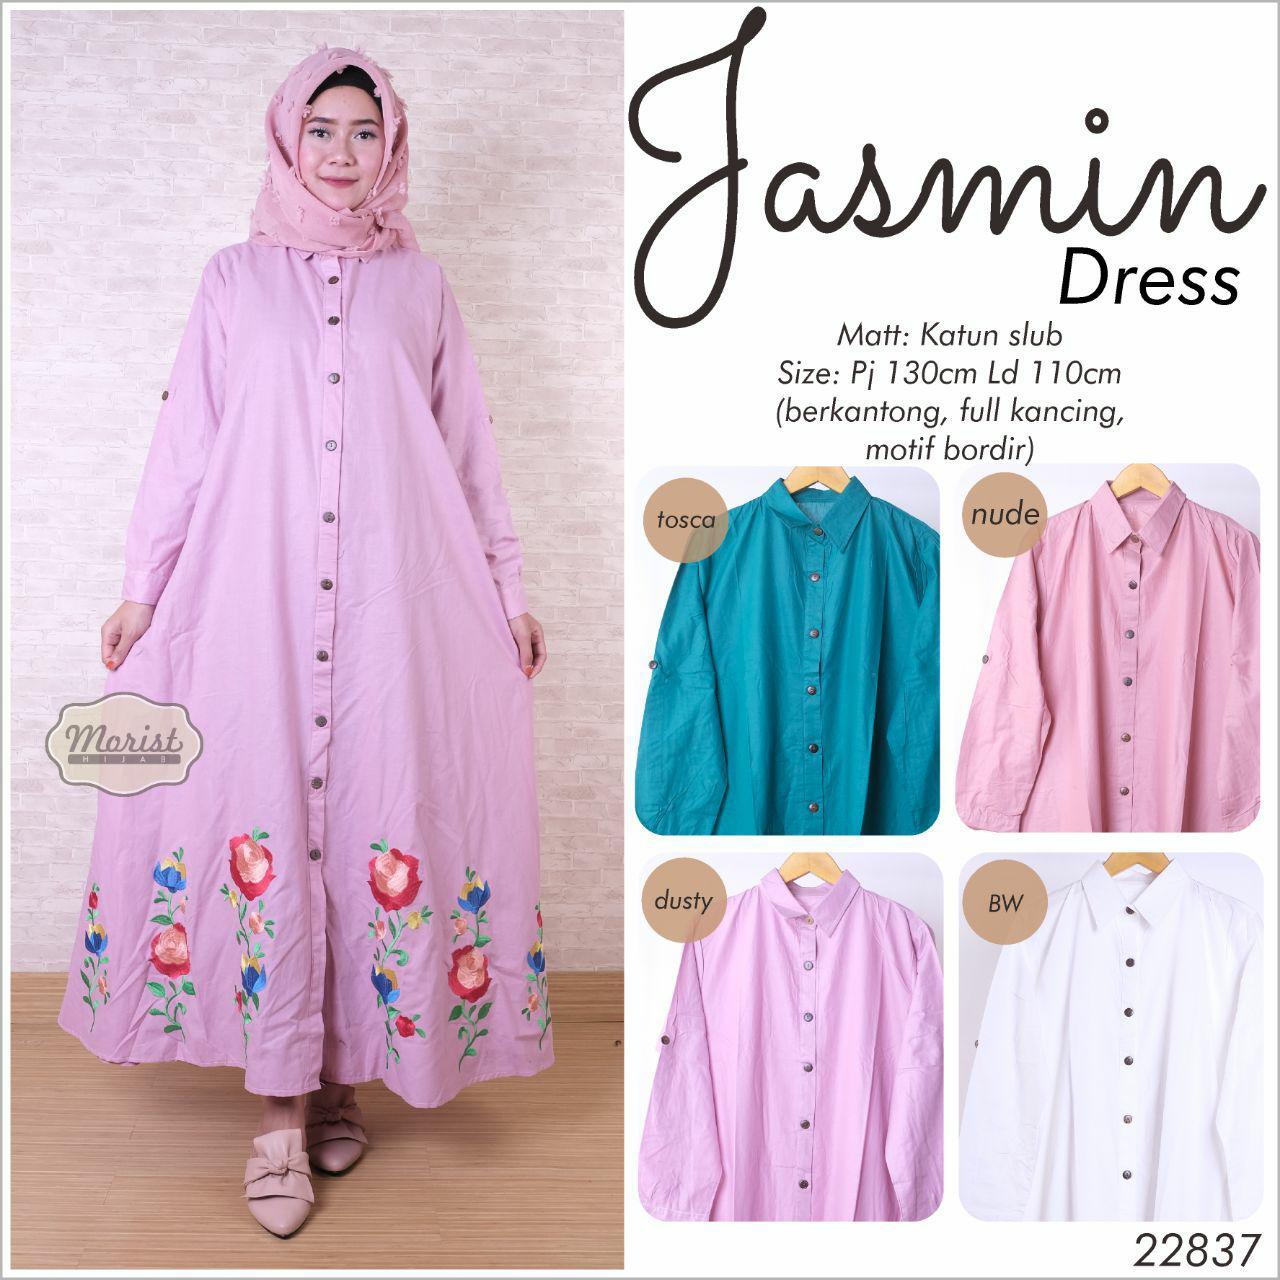 Kelebihan Sandra Maxi Dress Gamis Katun Bordir Muslim Baju Koko Sandi Long Wanita Jasmin Xl Jumbo